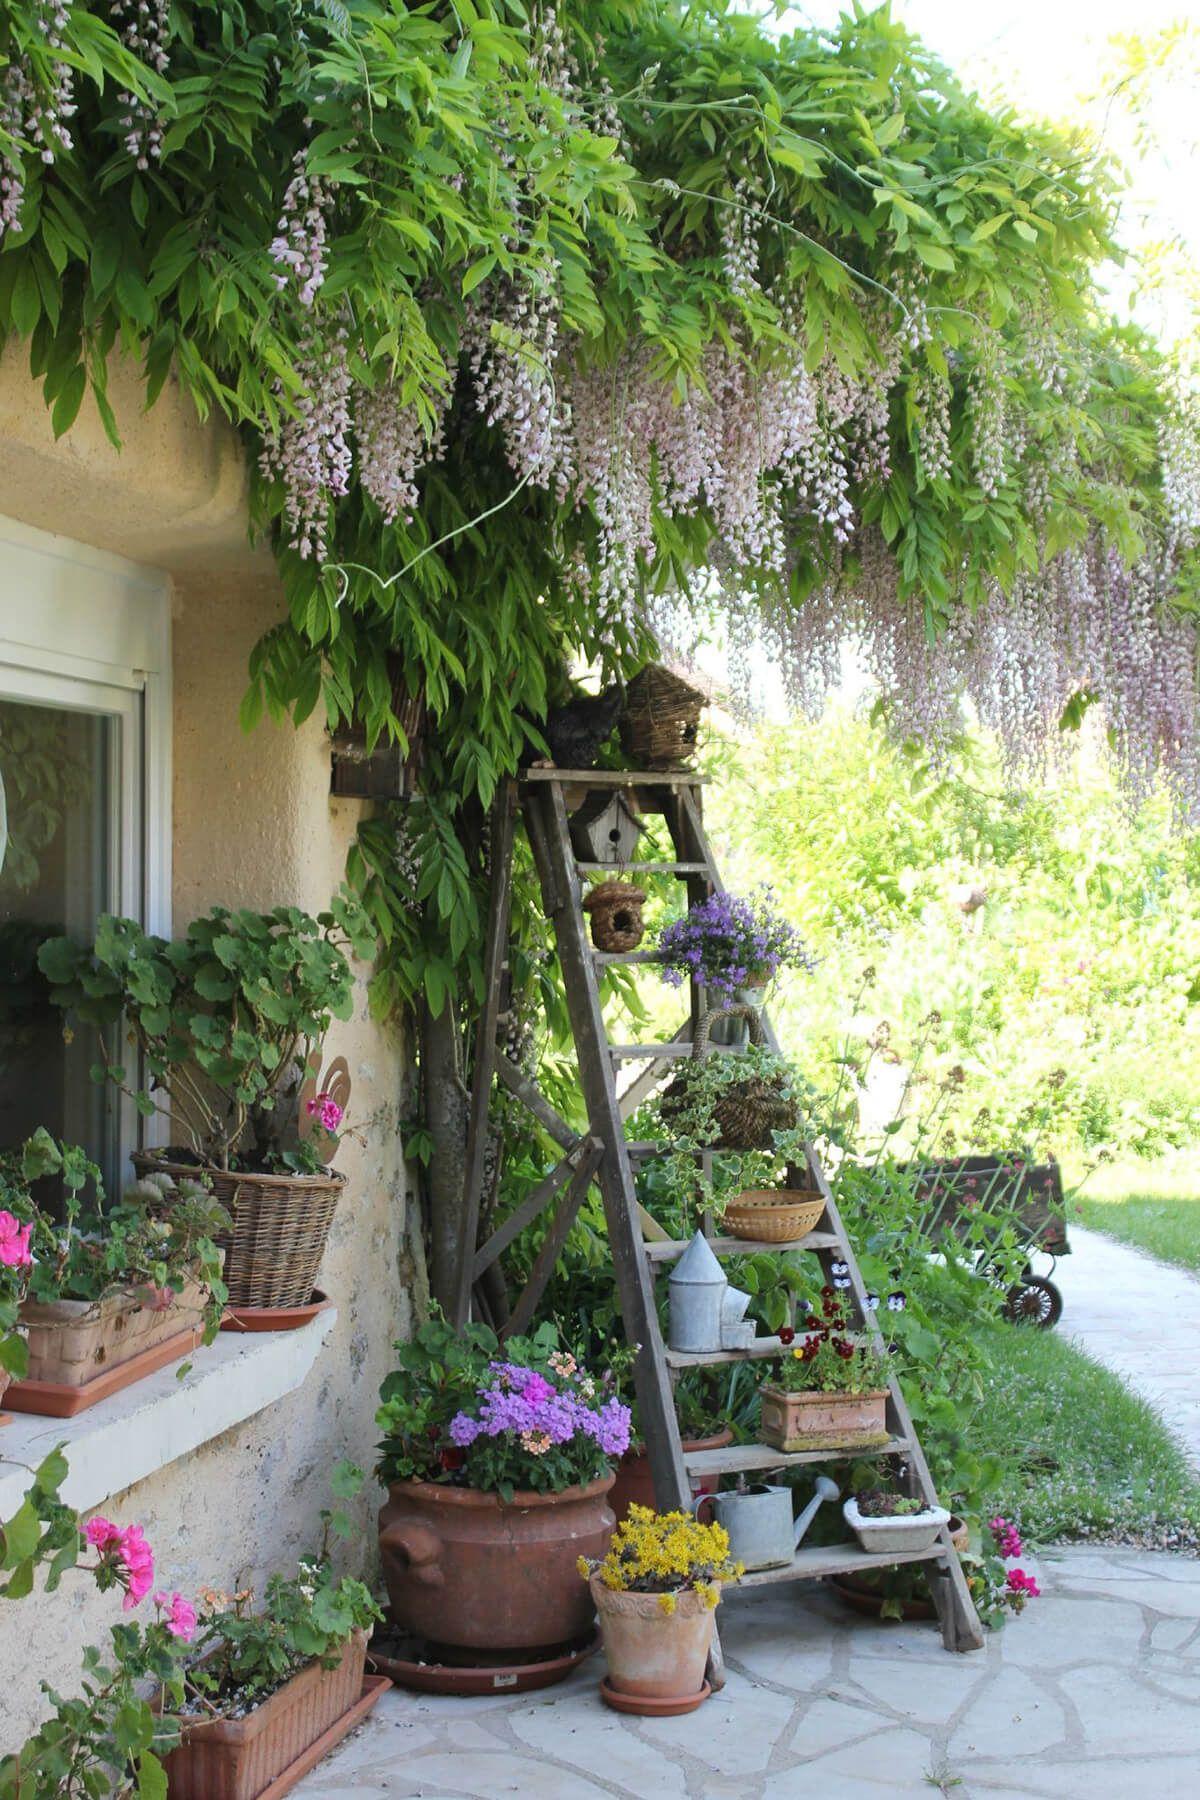 Gartendeko Aus Alten Sachen Genial Ladder Plant Stand with Birdhouses